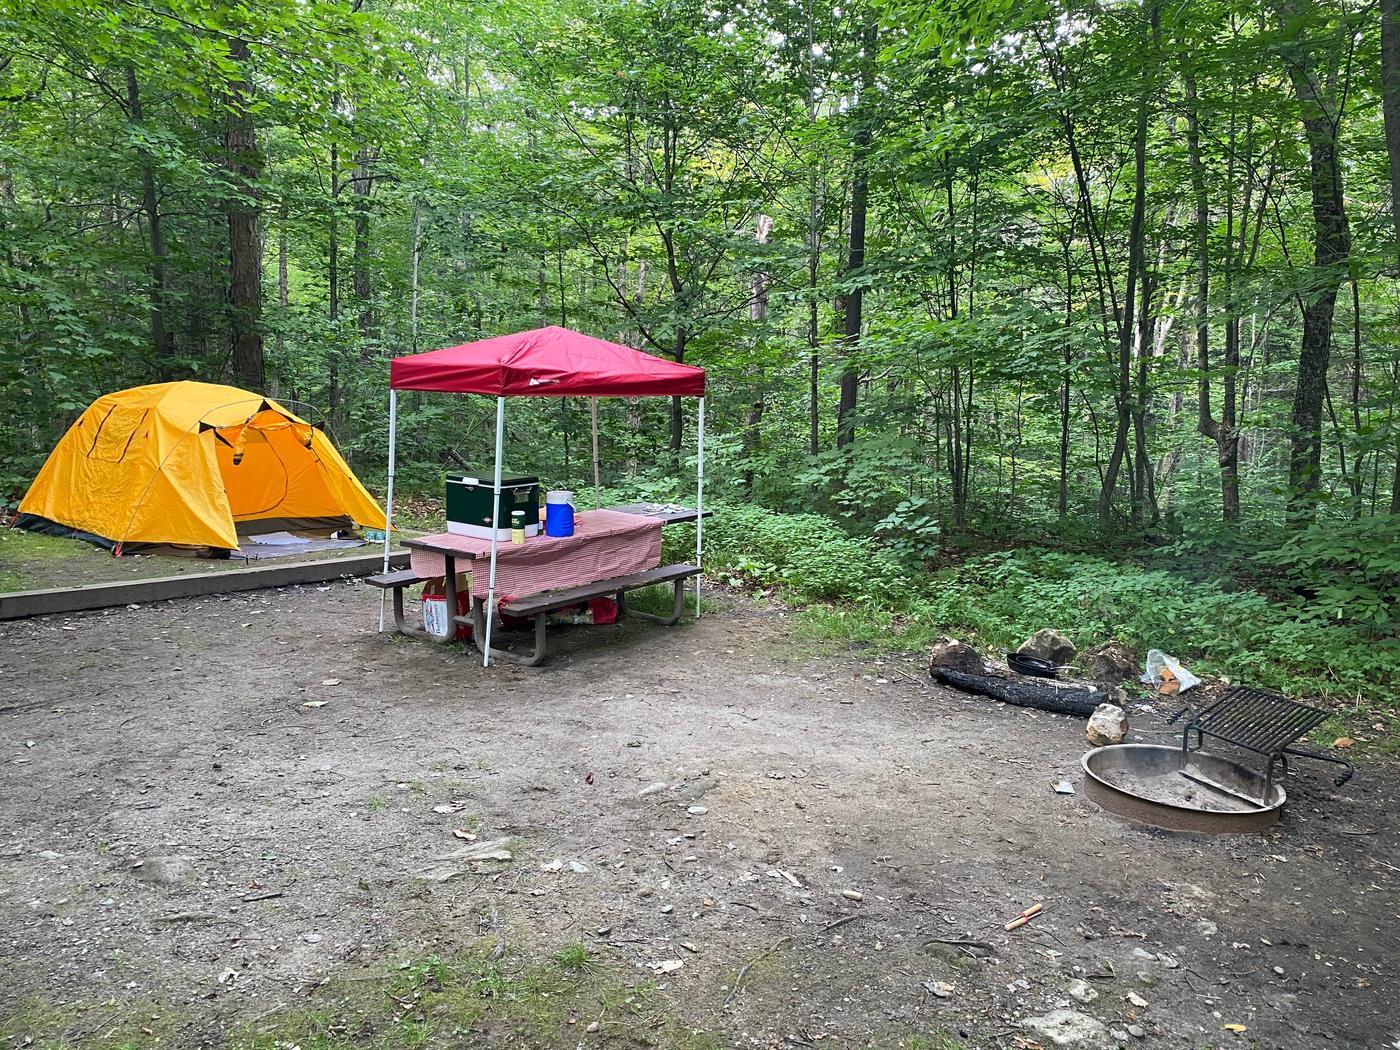 Campsite 9 tent padSite 9